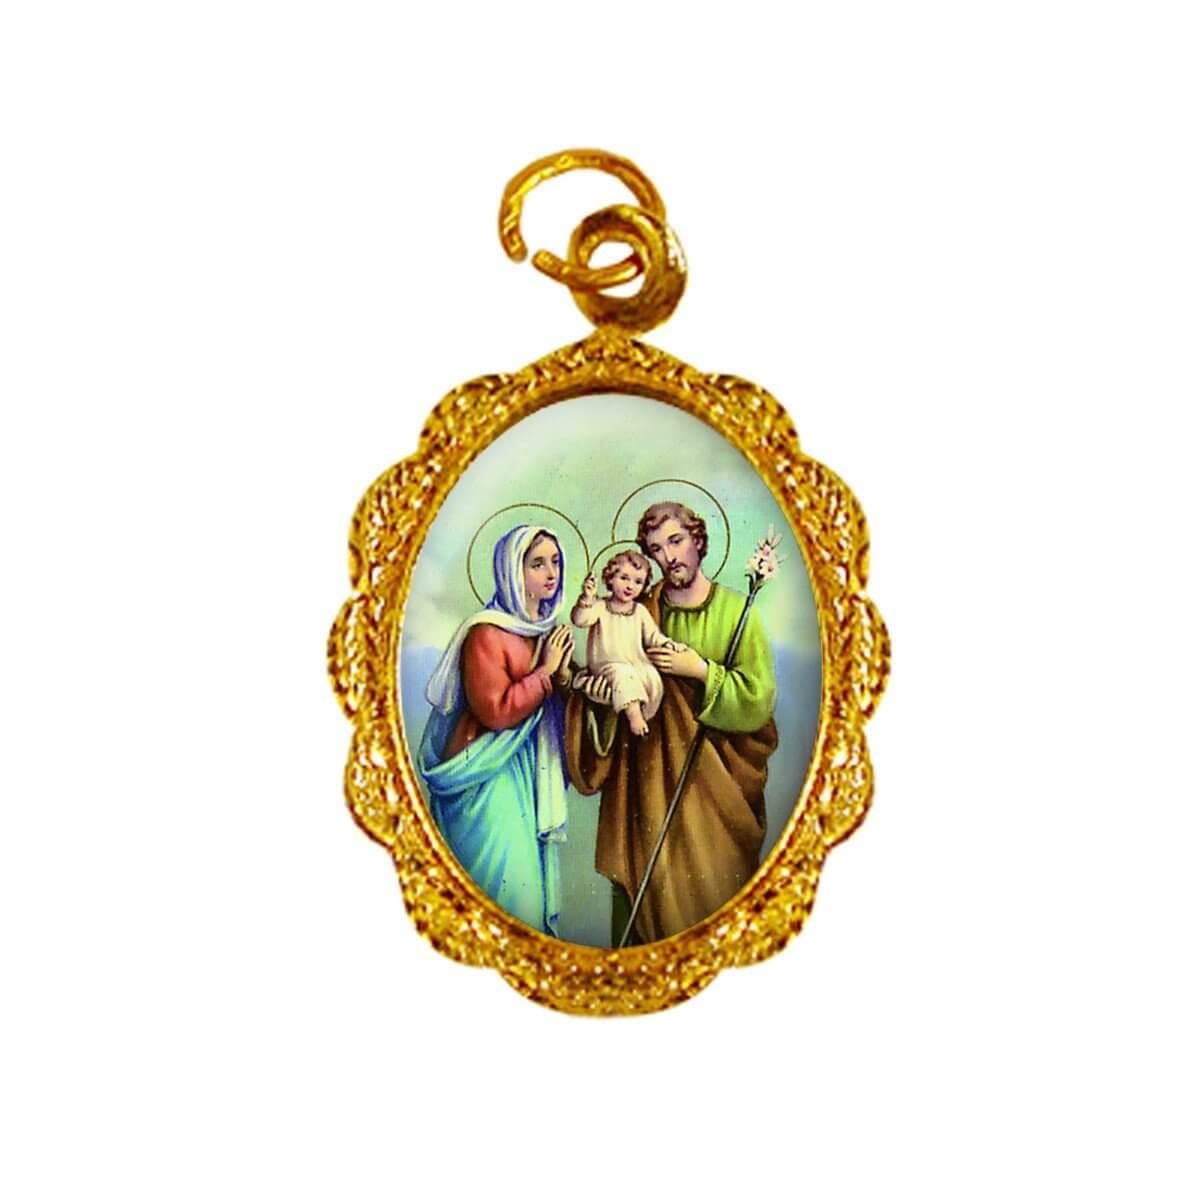 Medalha de Alumínio - Sagrada Família - Mod. 01   SJO Artigos Religiosos c31efe293e